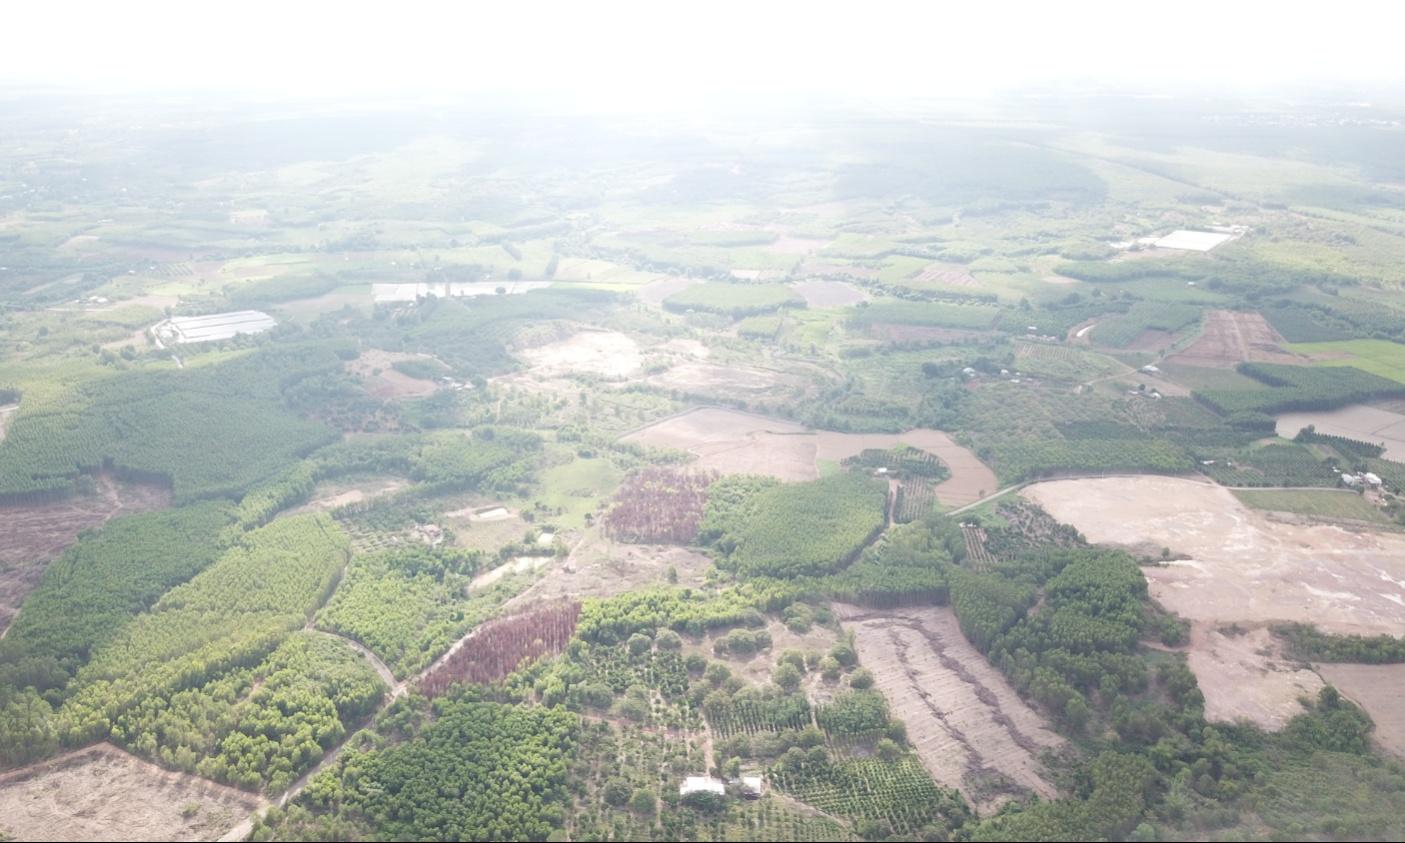 Lô đất 8.8ha đất ở Sối Rao,Châu Đức phù hợp với nhiều mục đích